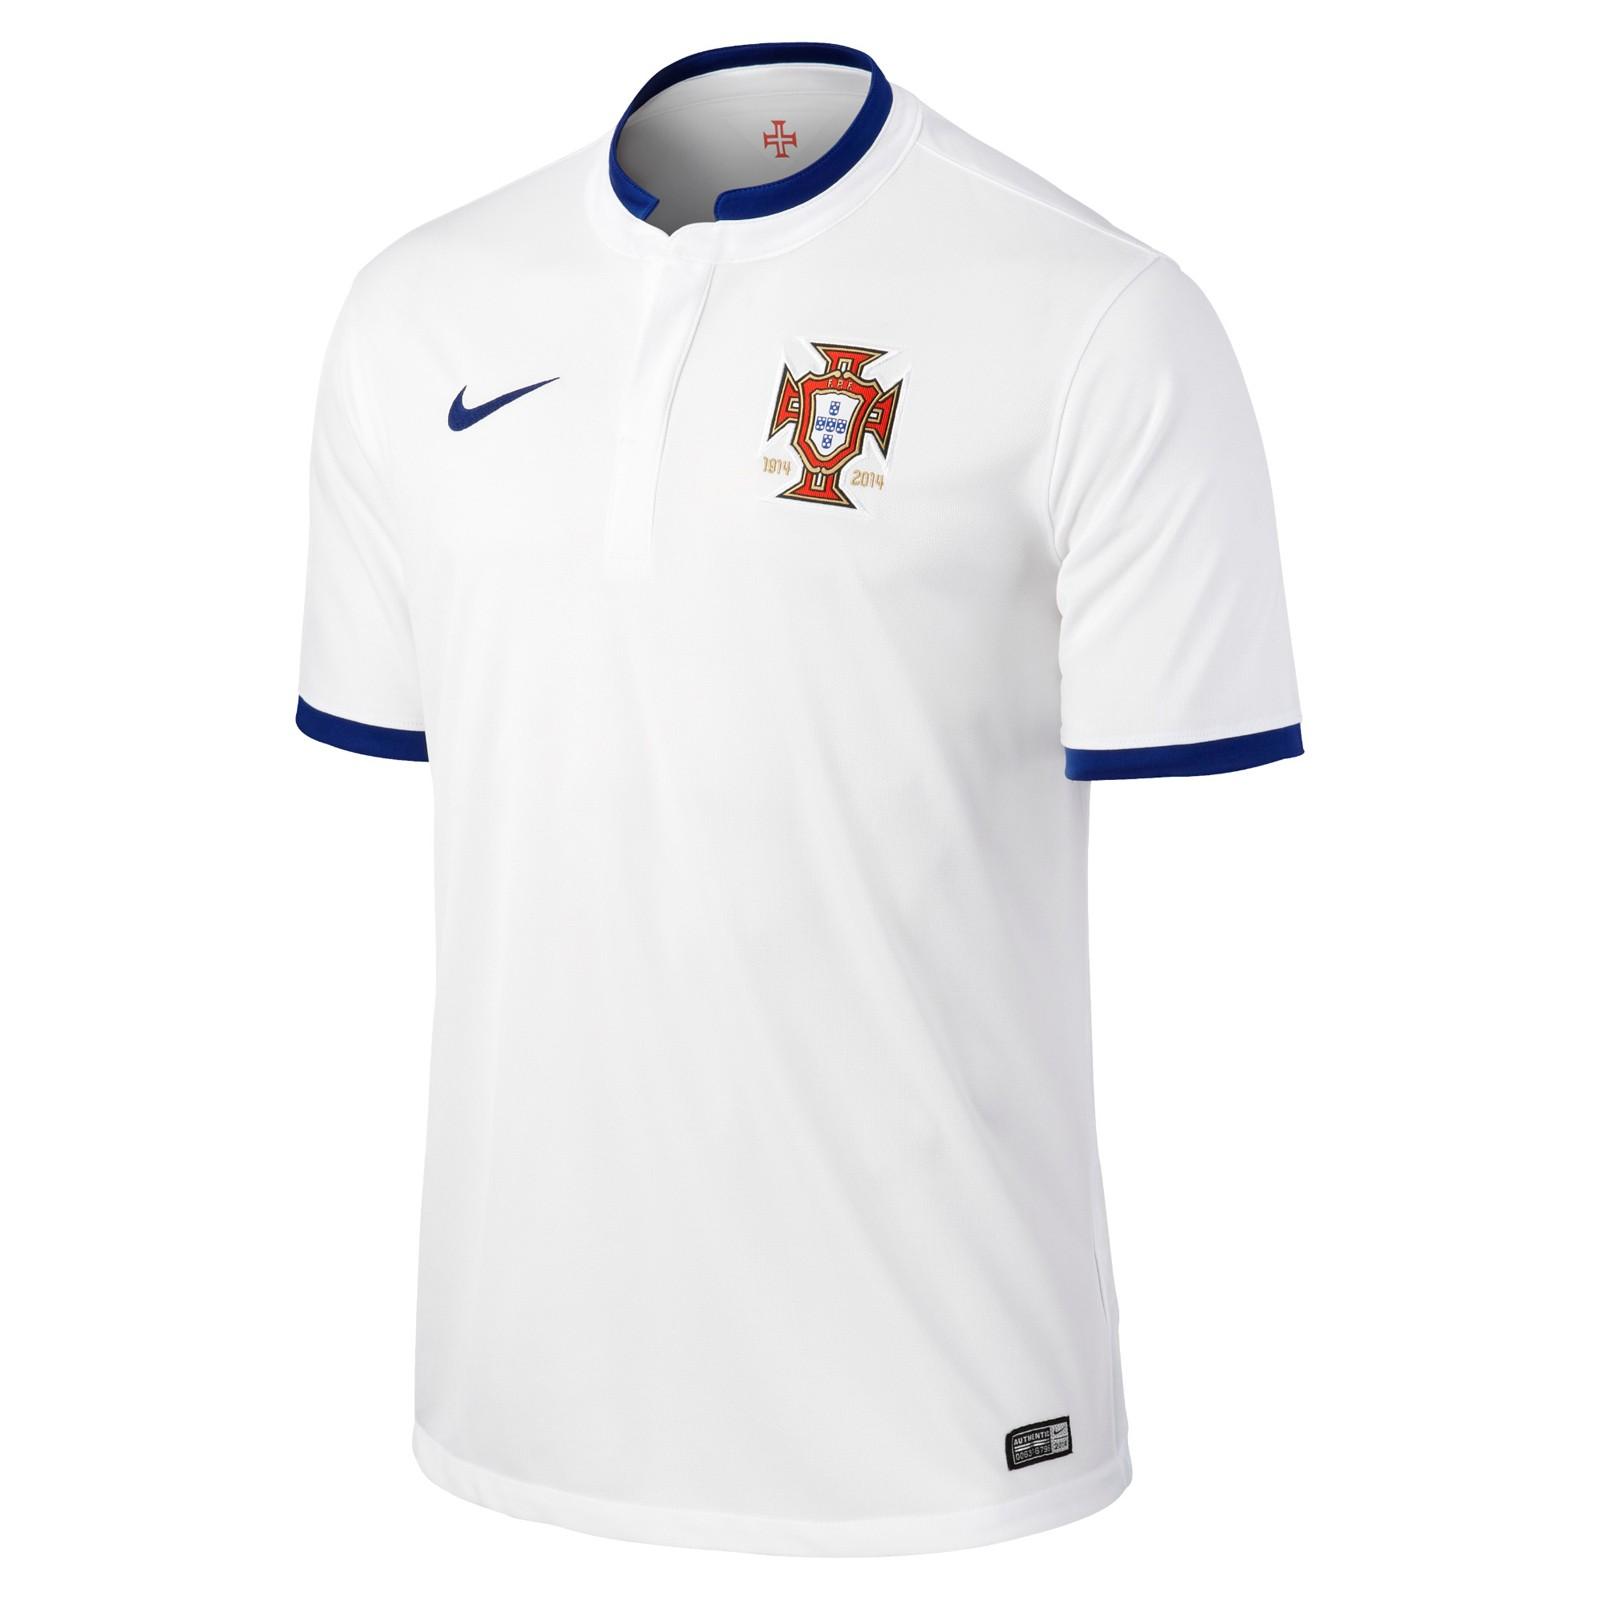 葡萄牙国家队2014世界杯球迷版客场球衣